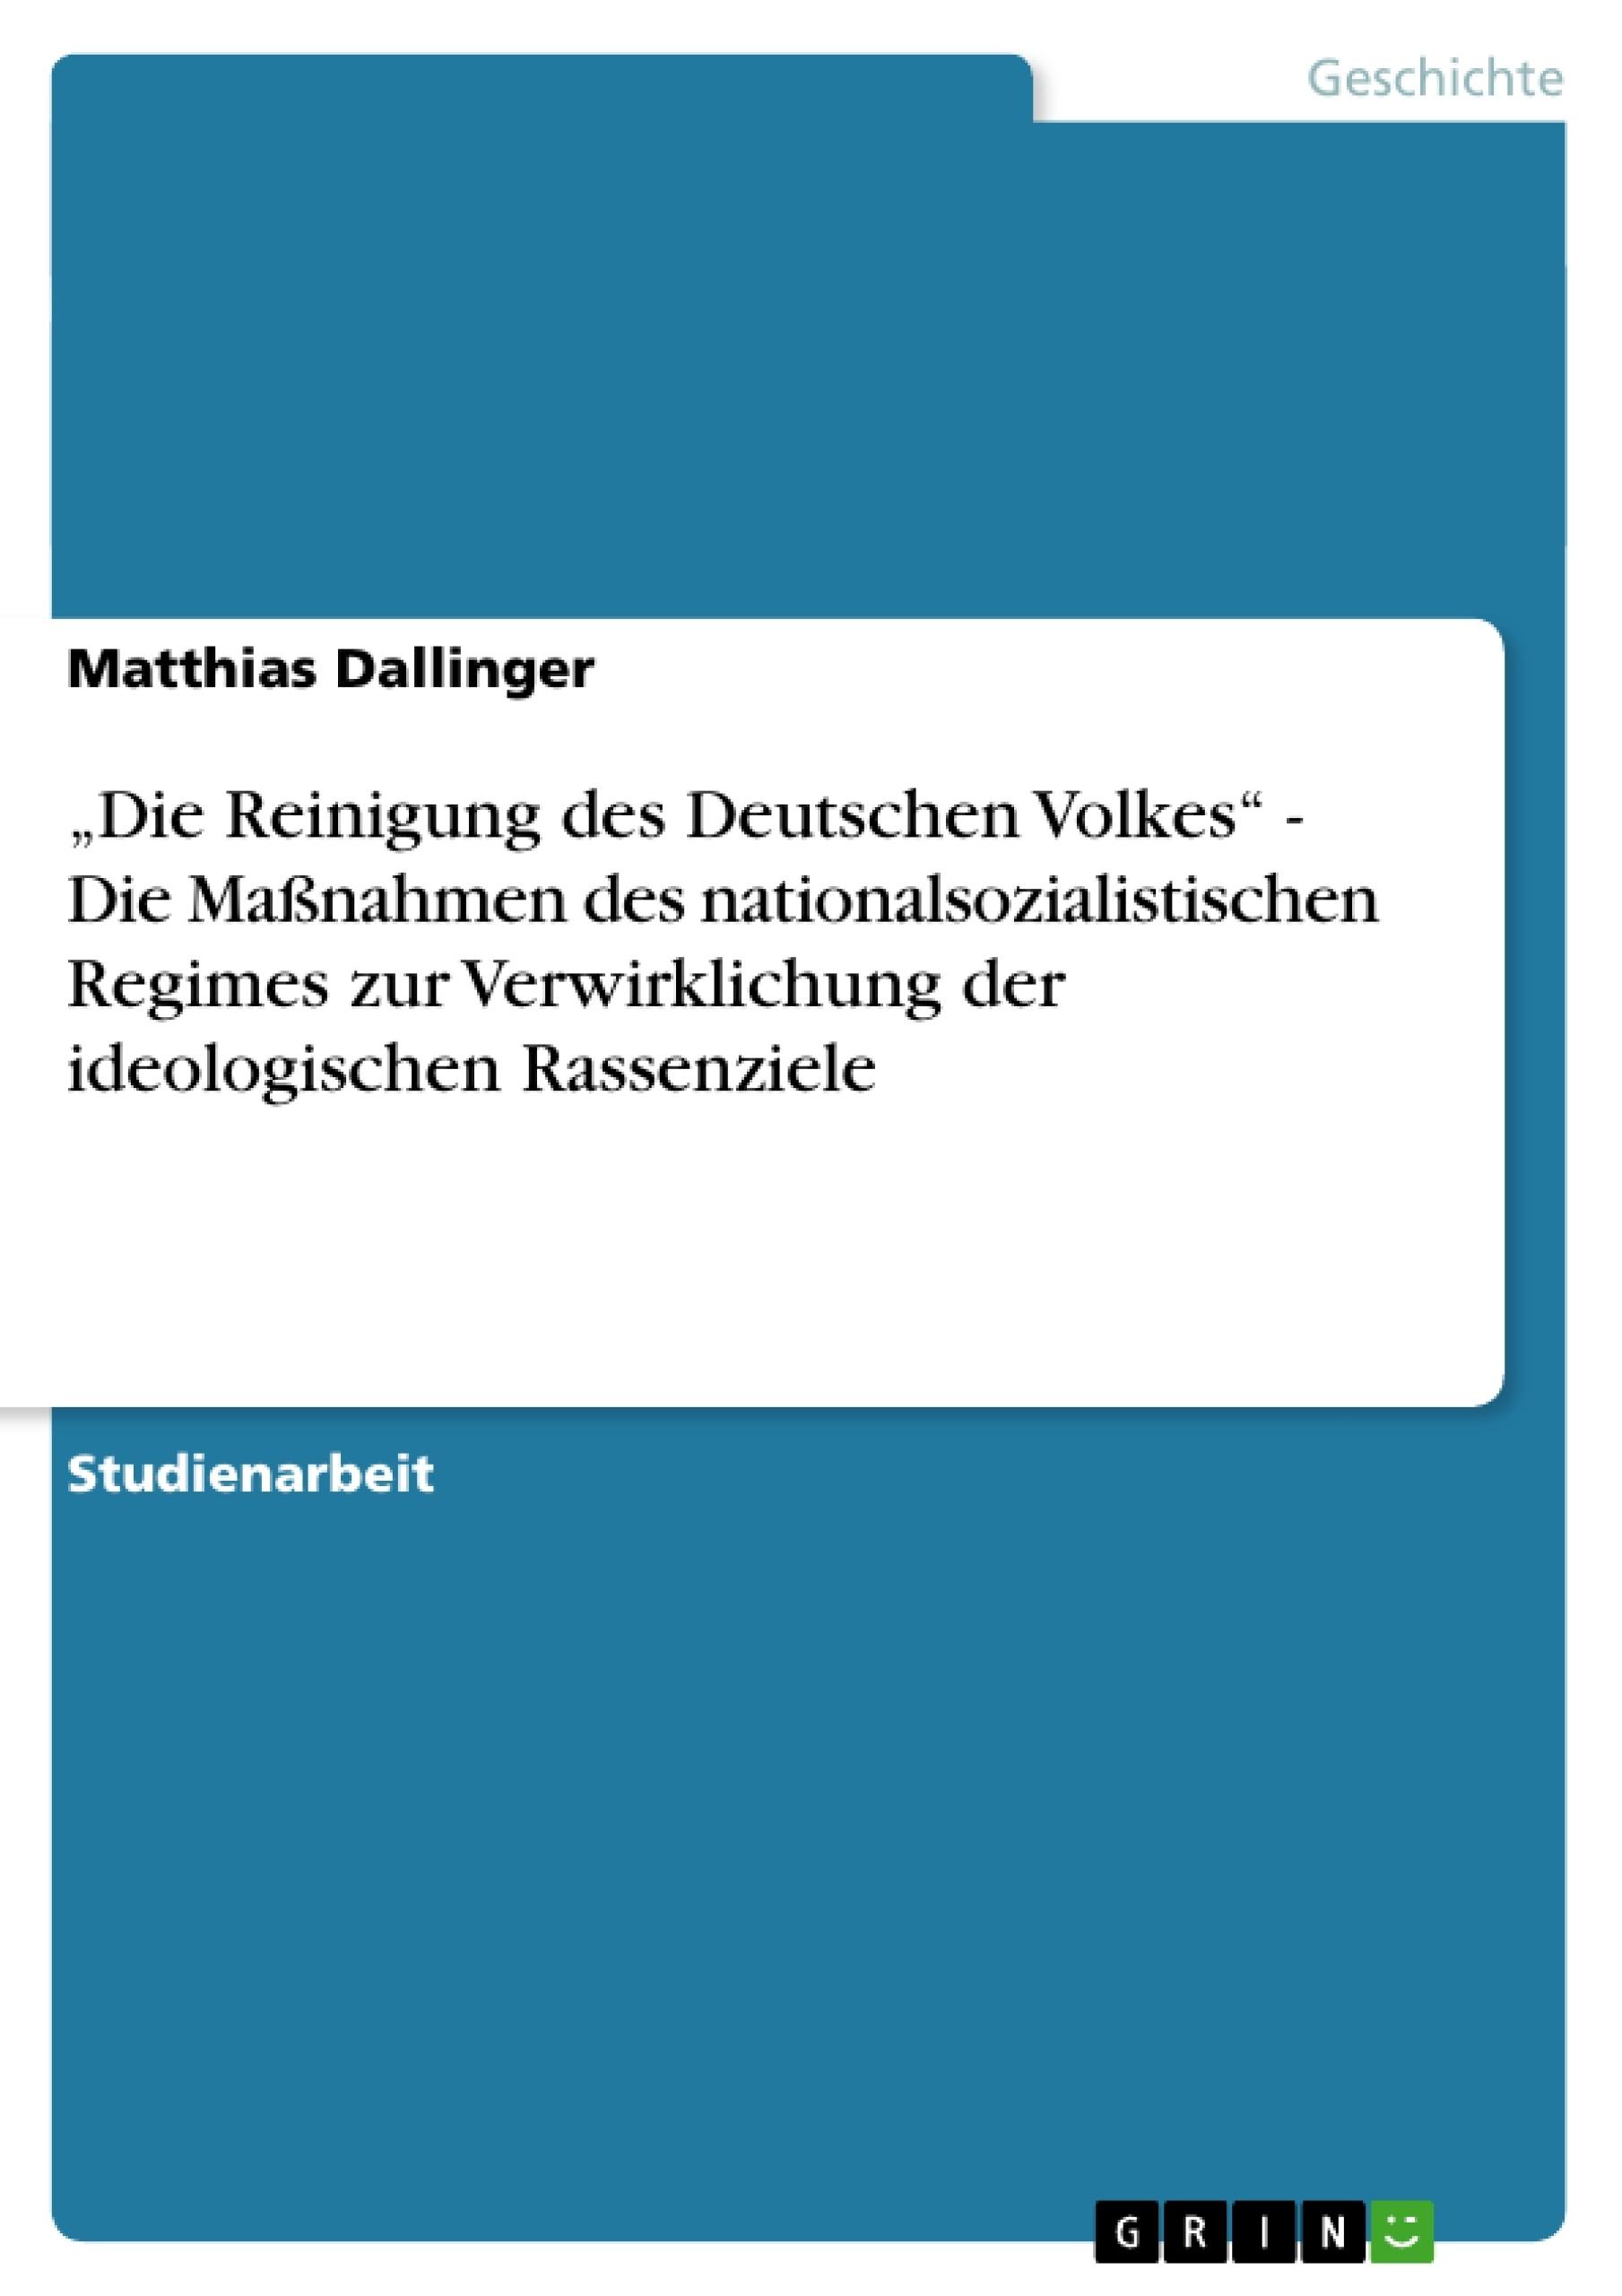 """Titel: """"Die Reinigung des Deutschen Volkes"""" - Die Maßnahmen des nationalsozialistischen Regimes zur Verwirklichung der ideologischen Rassenziele"""